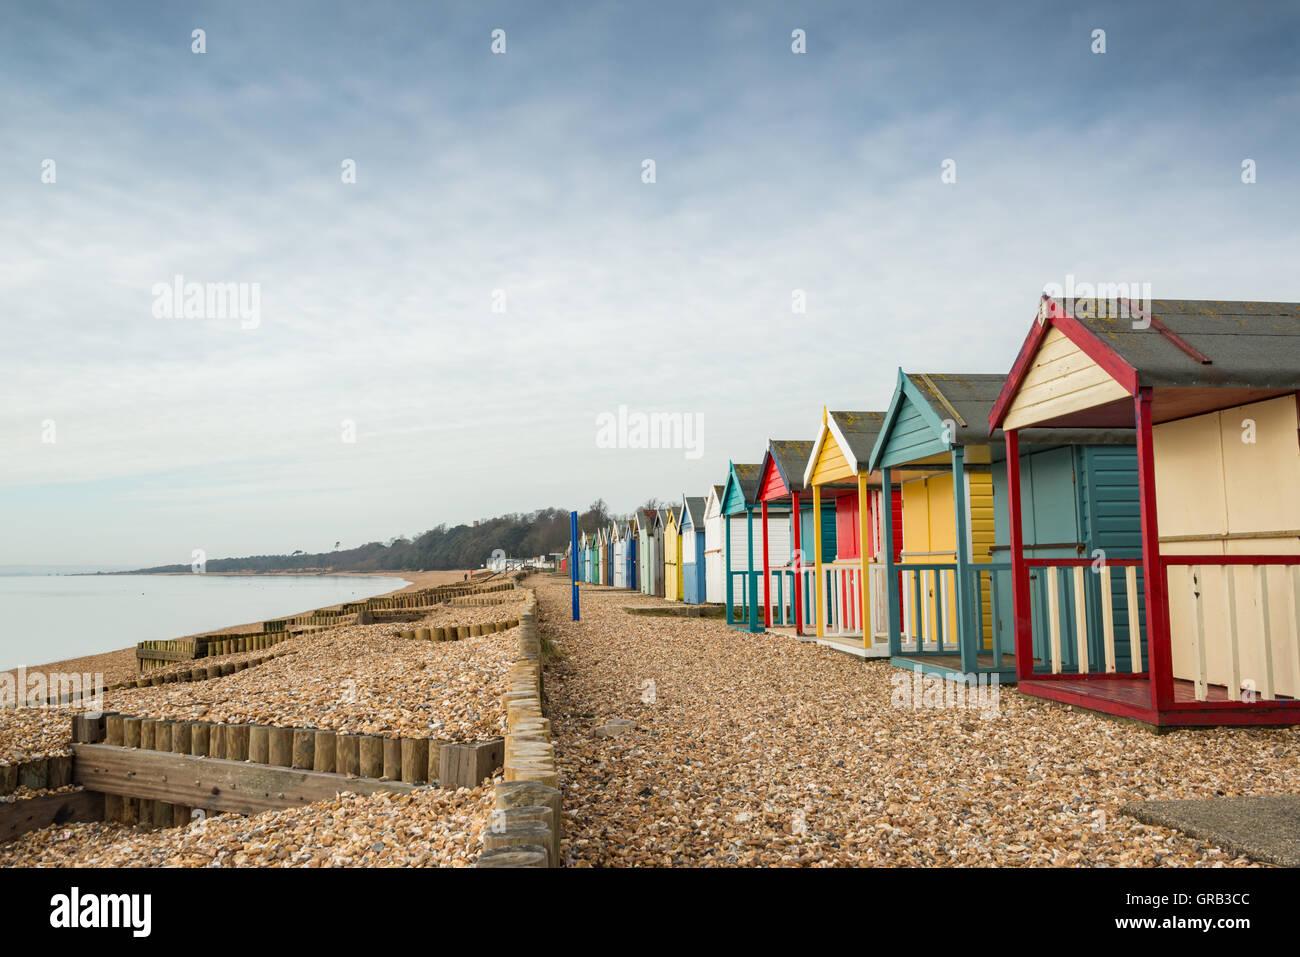 Beach huts on Calshot beach, Hampshire, UK - Stock Image